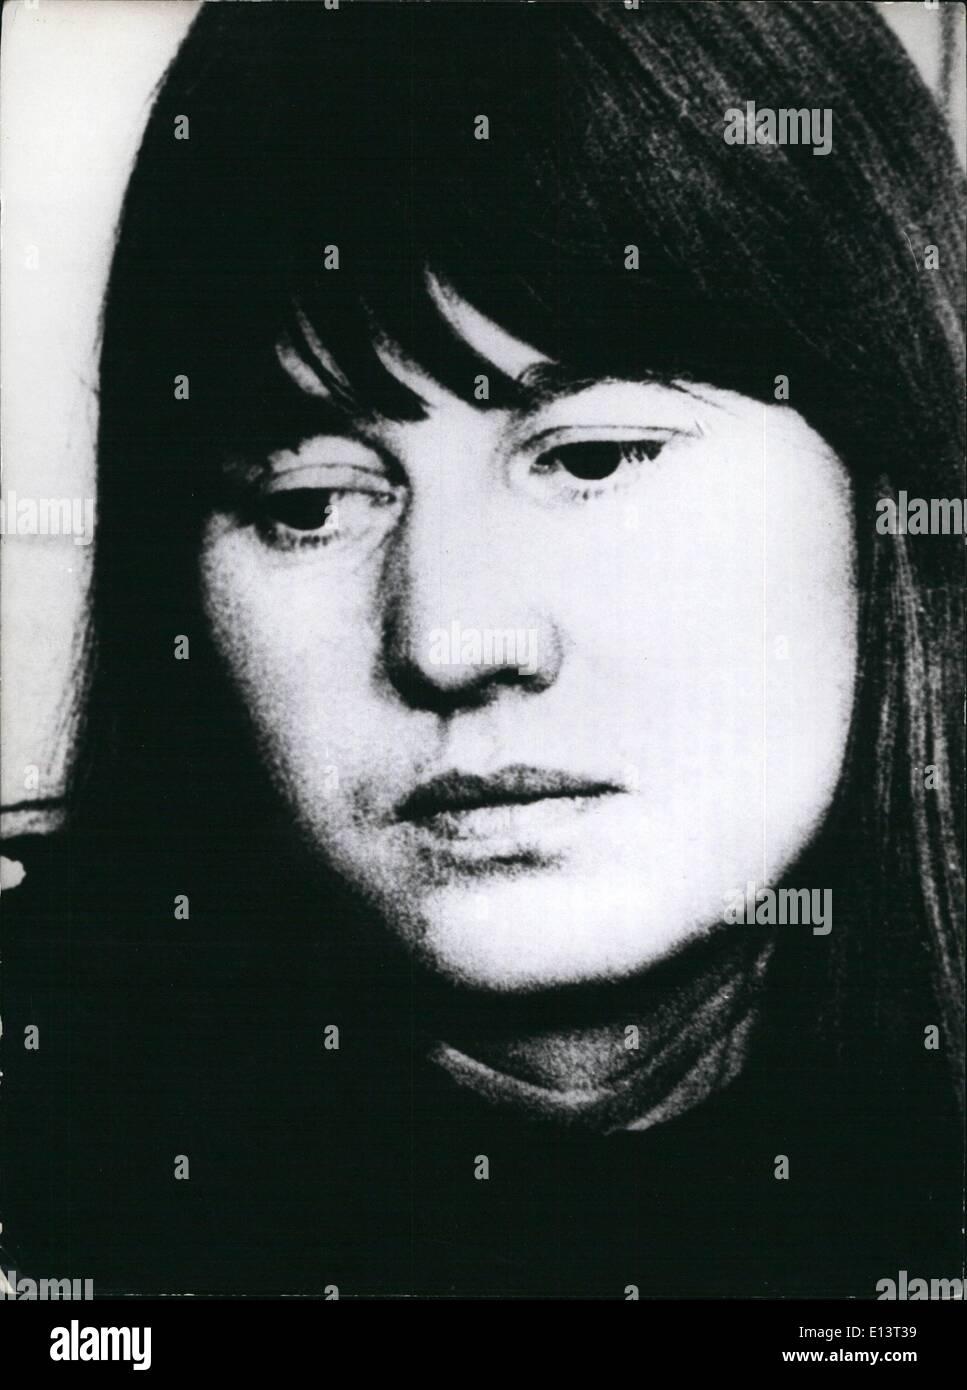 Marzo 27, 2012 - Ulrike Meinhof se suicidó en prisión: casi un año después del comienzo del juicio contra miembros destacados de la ''Beader anarquista/Meinhof grupo'', otro miembro del grupo, ha muerto bajo custodia. Ulrike Meinhof (41-picture) fue encontrado muerto el 9 de mayo, en su celda de la prisión Stammheim Stuttgart, después de que se había ahorcado con una toalla. El 9 de noviembre de 1974, Holger Meins, uno de los líderes del grupo, habían muerto mientras estaban en huelga de hambre. Ulrike Meinhof nació el 7 de octubre de 1934 en Oldenburg (norte de Alemania) Imagen De Stock